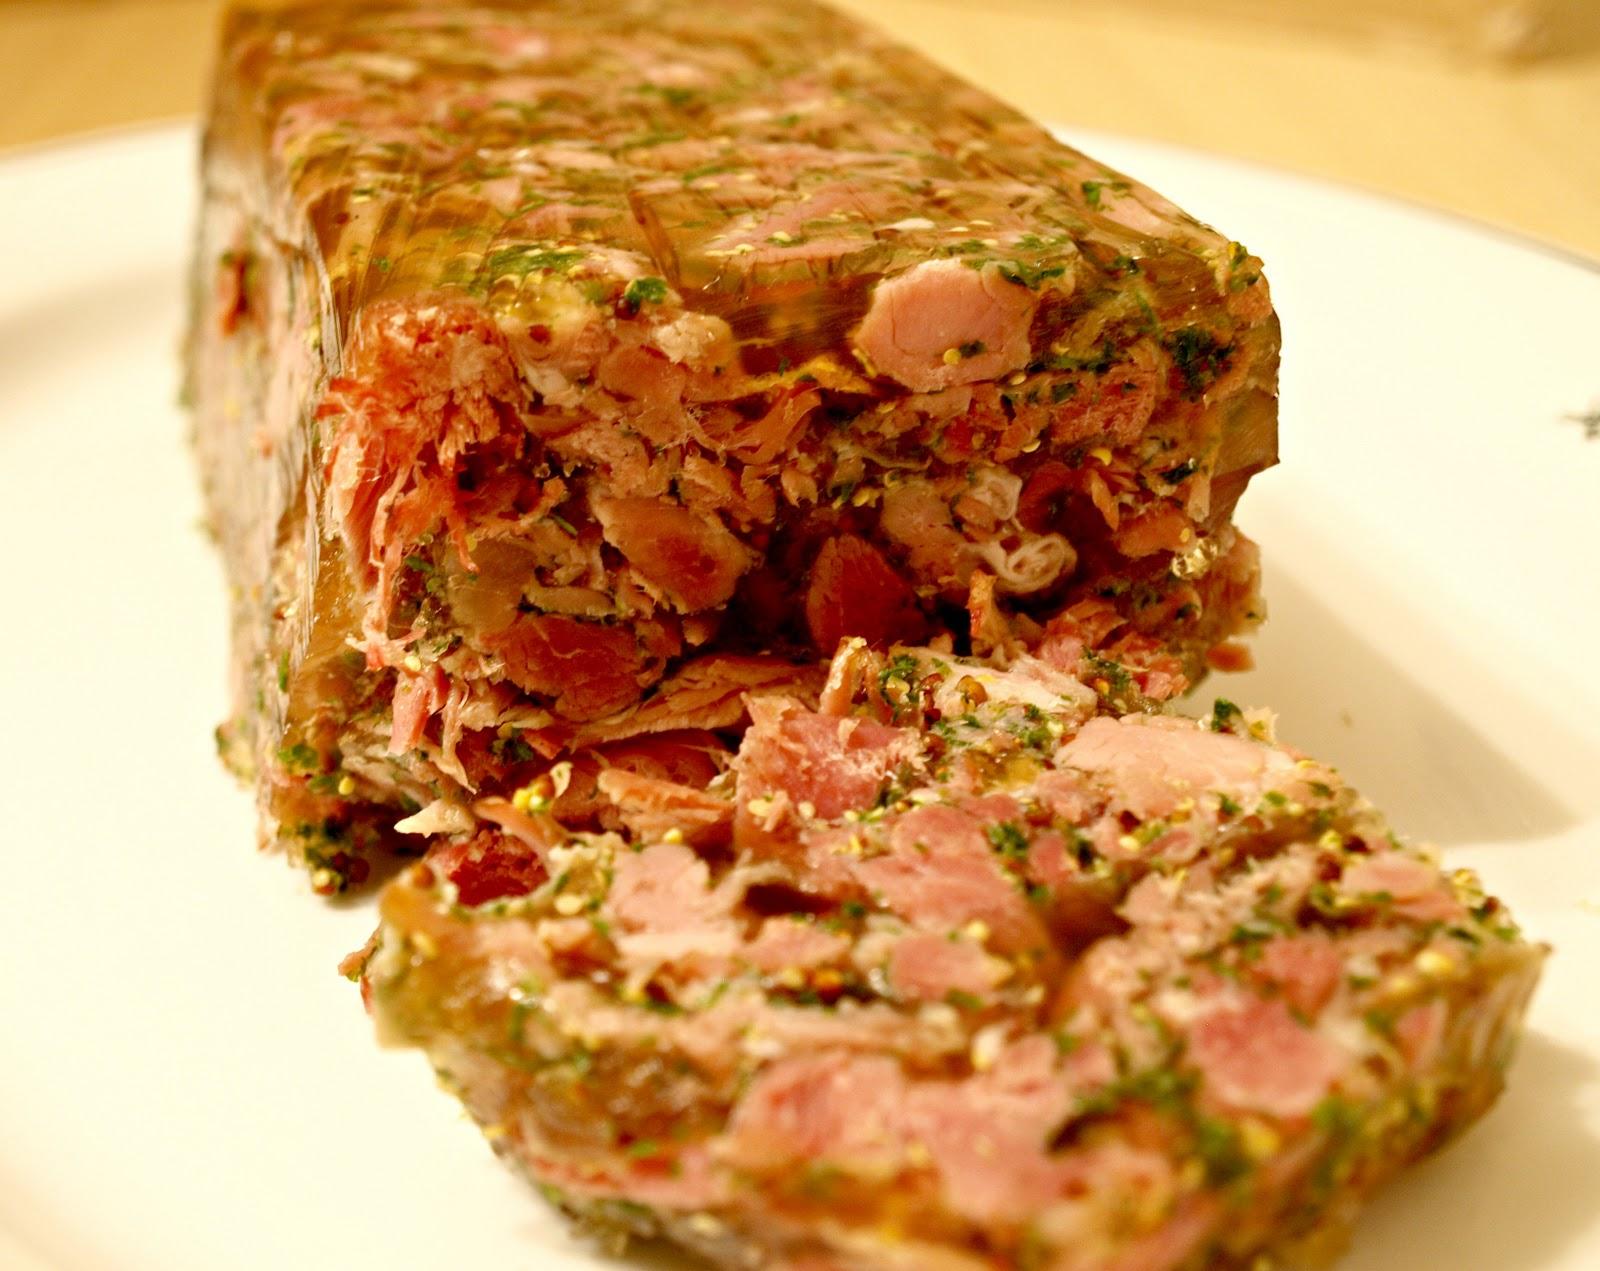 Mark's Veg Plot: Ham Hock and Mustard Terrine